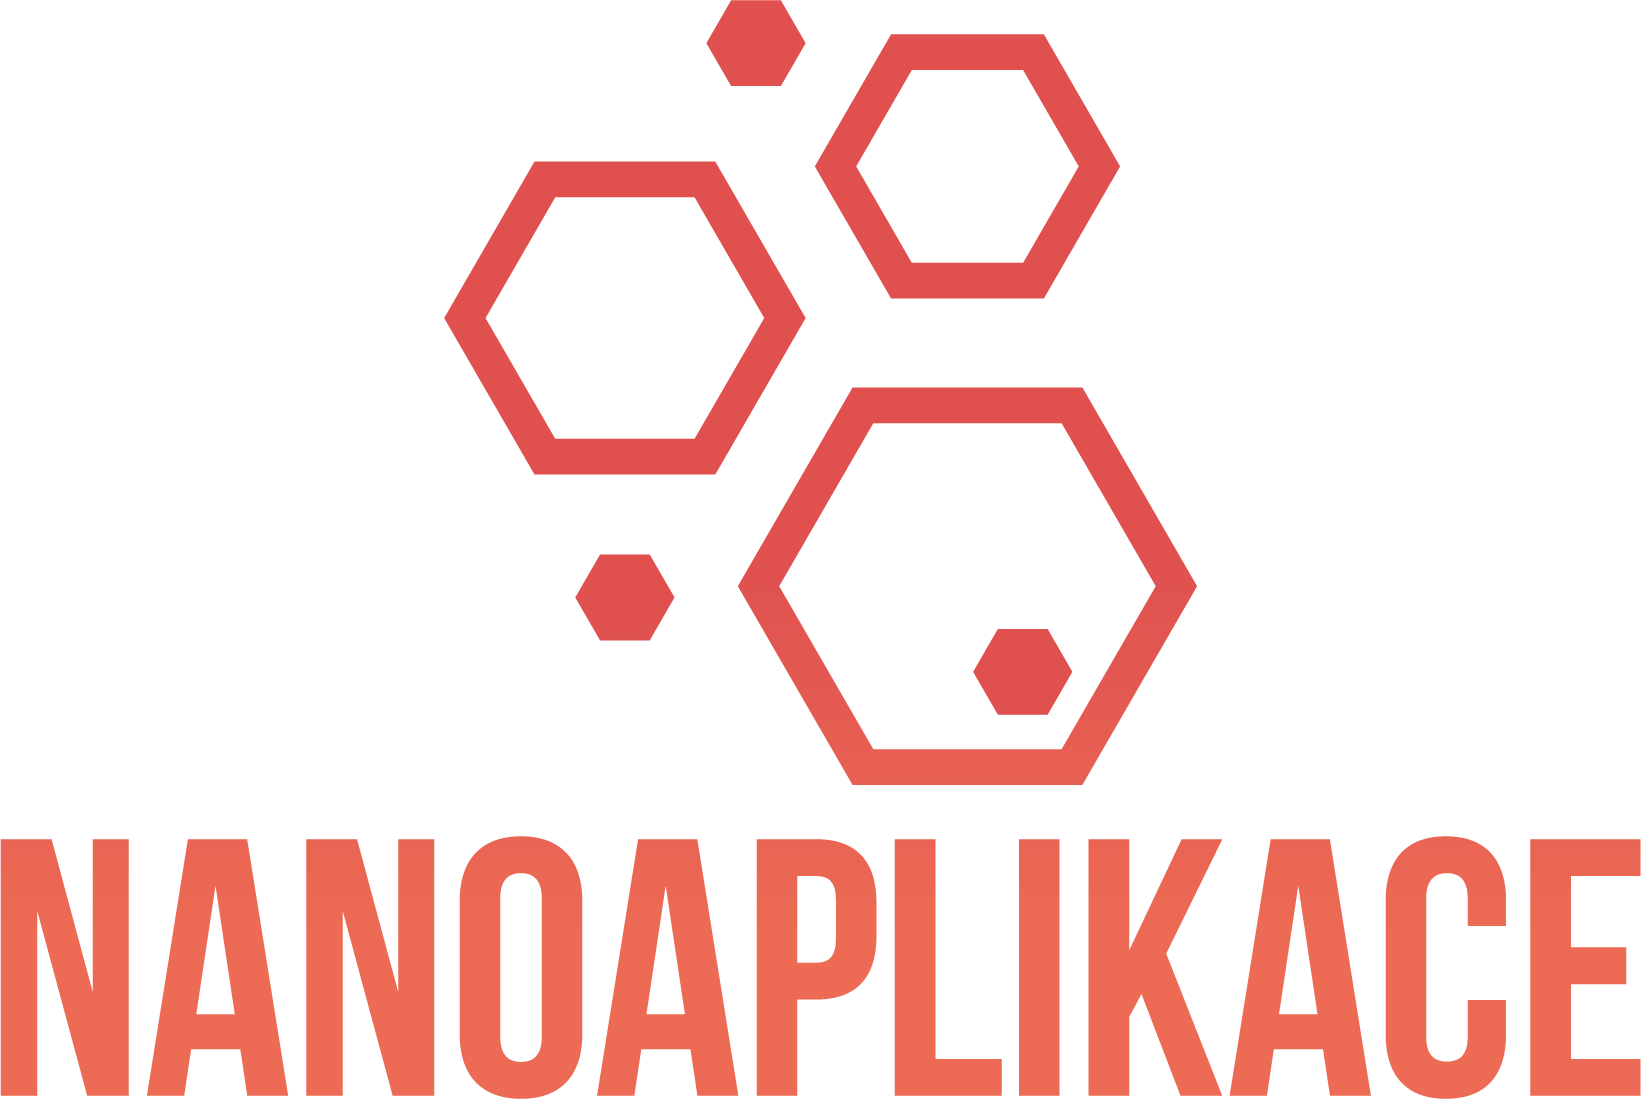 Nanoaplikace.cz